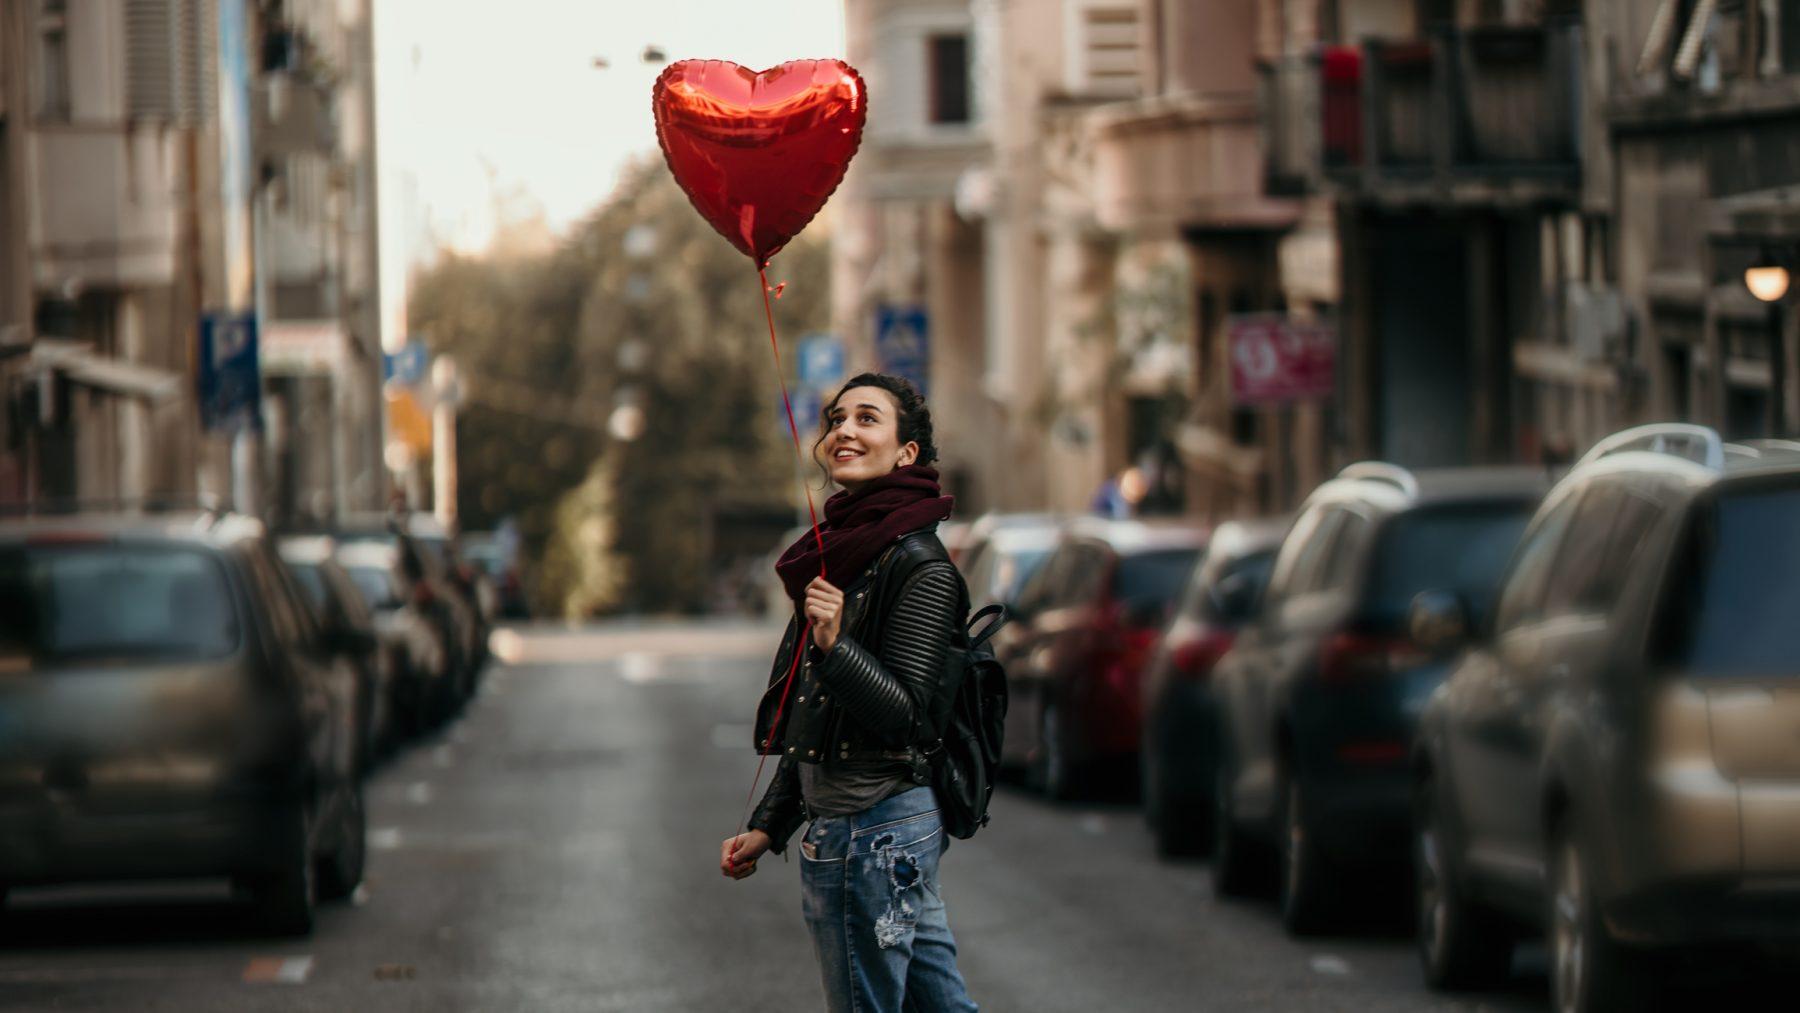 Valentijnsdag cliché? 5 x daar denk je na deze cadeaus wel anders over